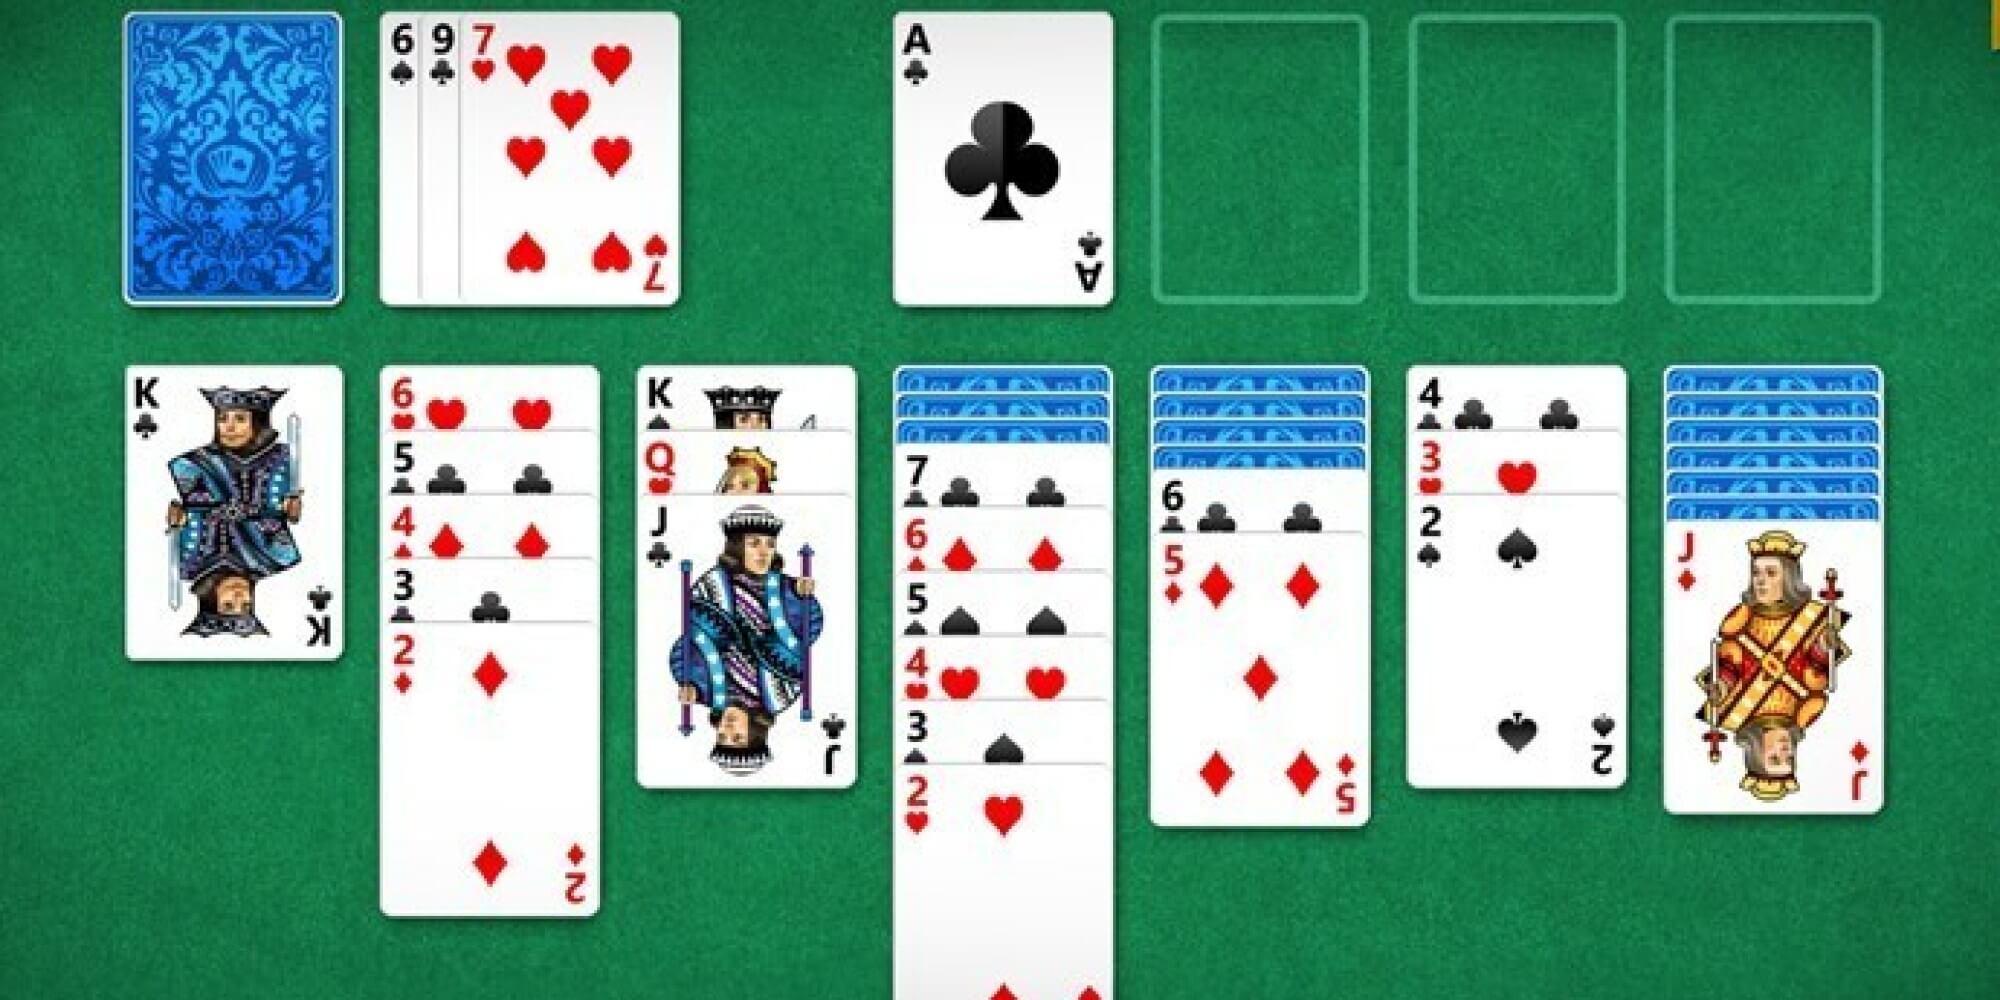 игру играть пьяница онлайн в карты